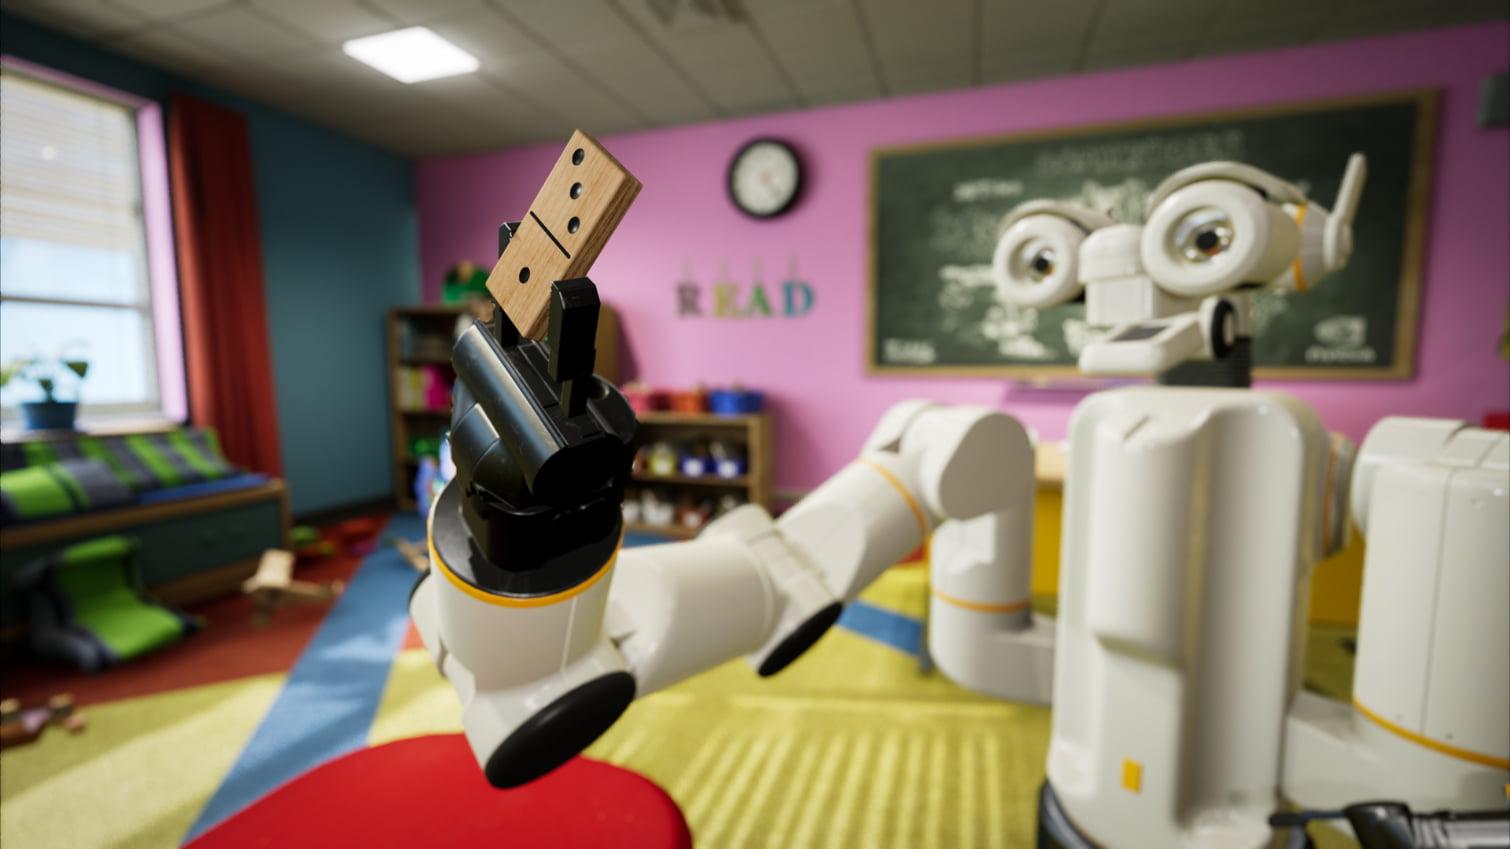 Nvidia nutzt die eigene VR-Kollaborationsplattform, um unter sicheren Bedingungen mit einem KI-gesteuerten Roboter zu interagieren.